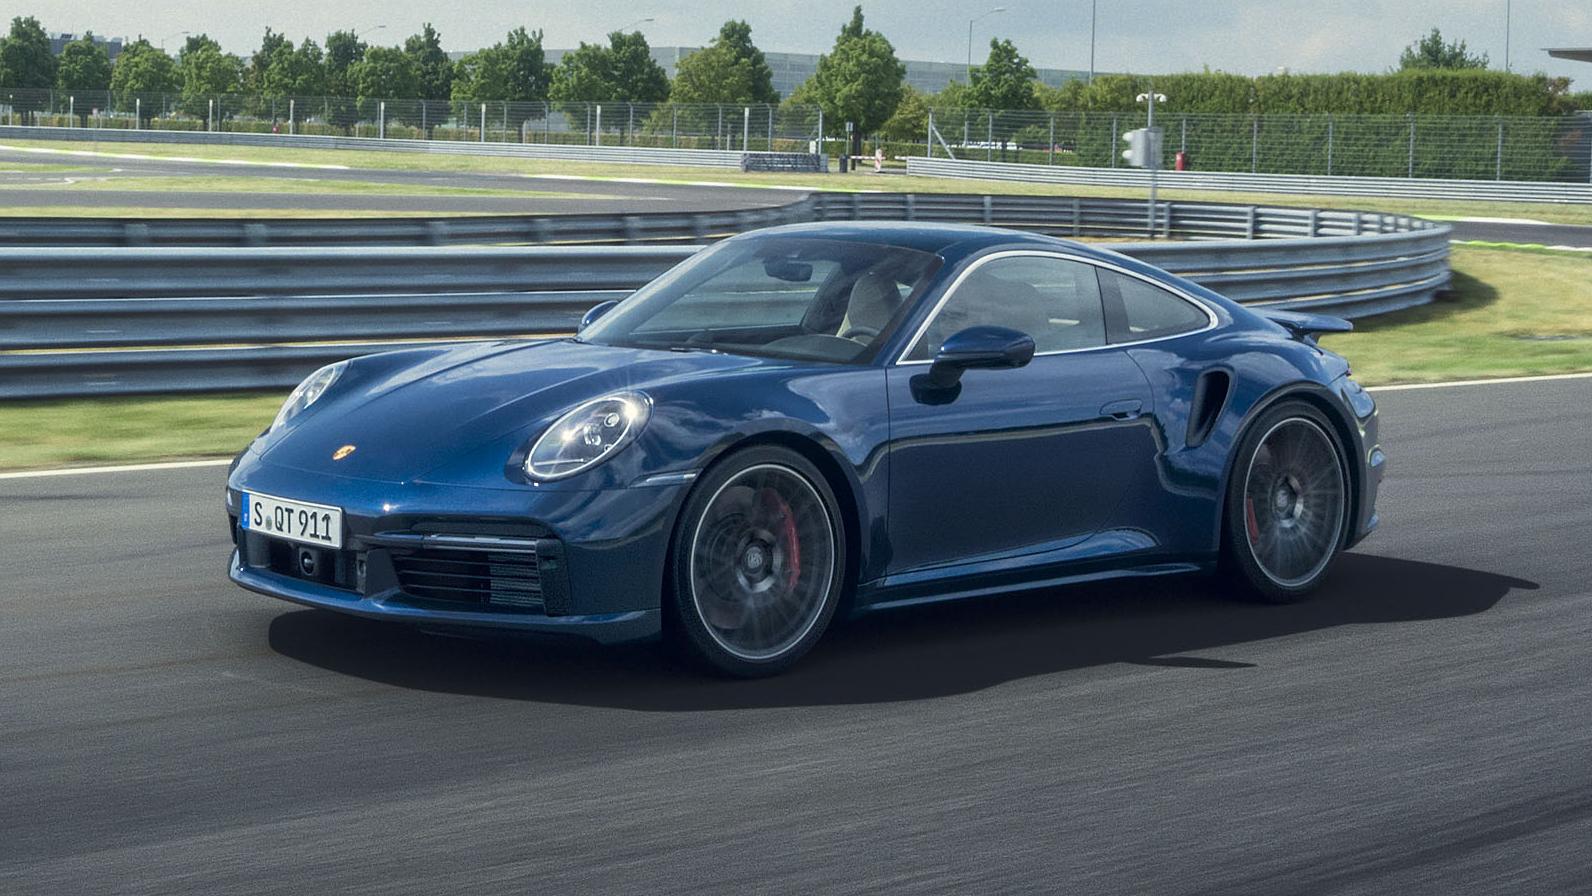 2021 Porsche 911 Turbo - Image Credit: Porsche